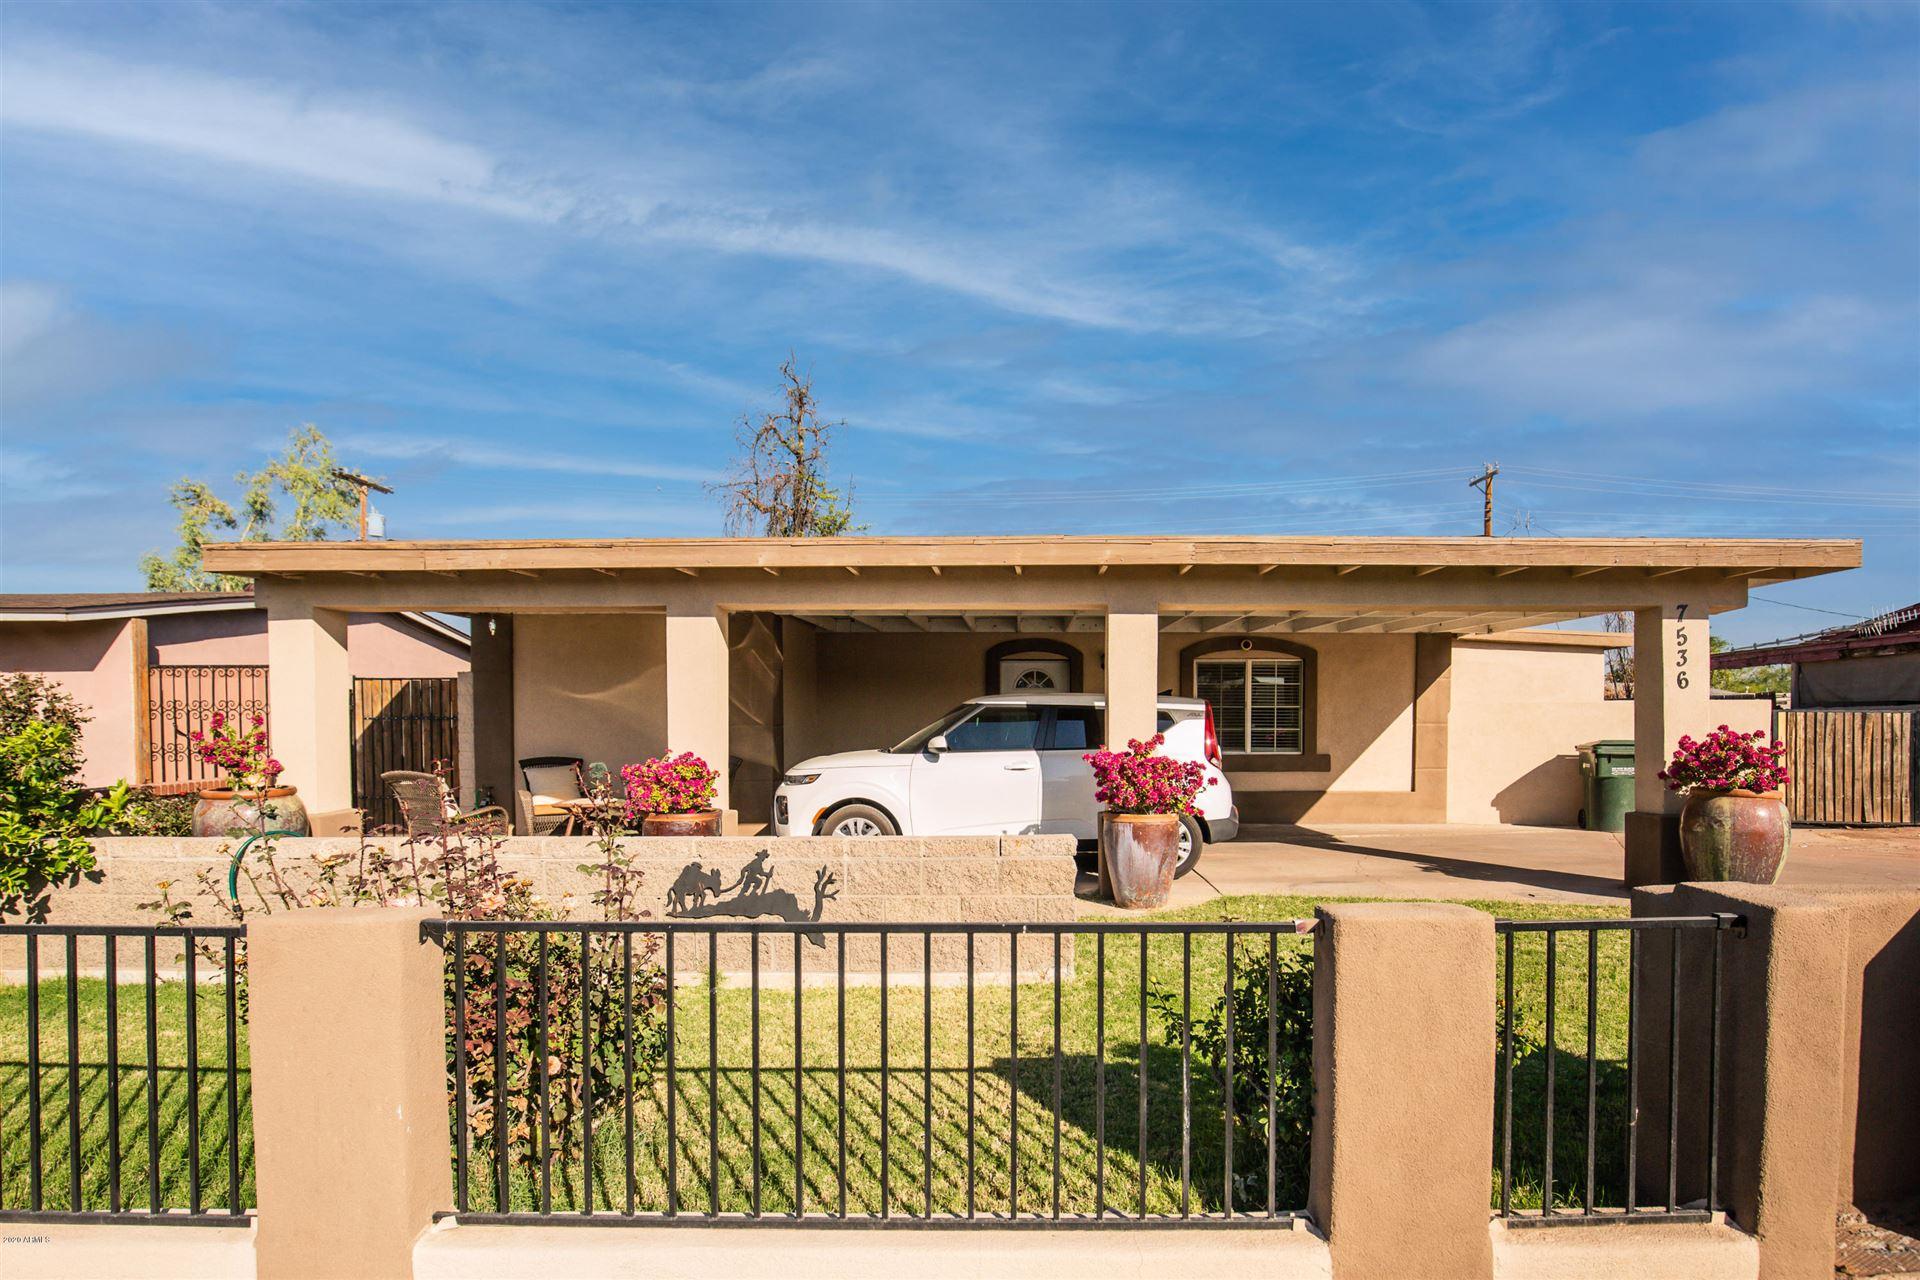 7536 W MITCHELL Drive, Phoenix, AZ 85033 - MLS#: 6163079